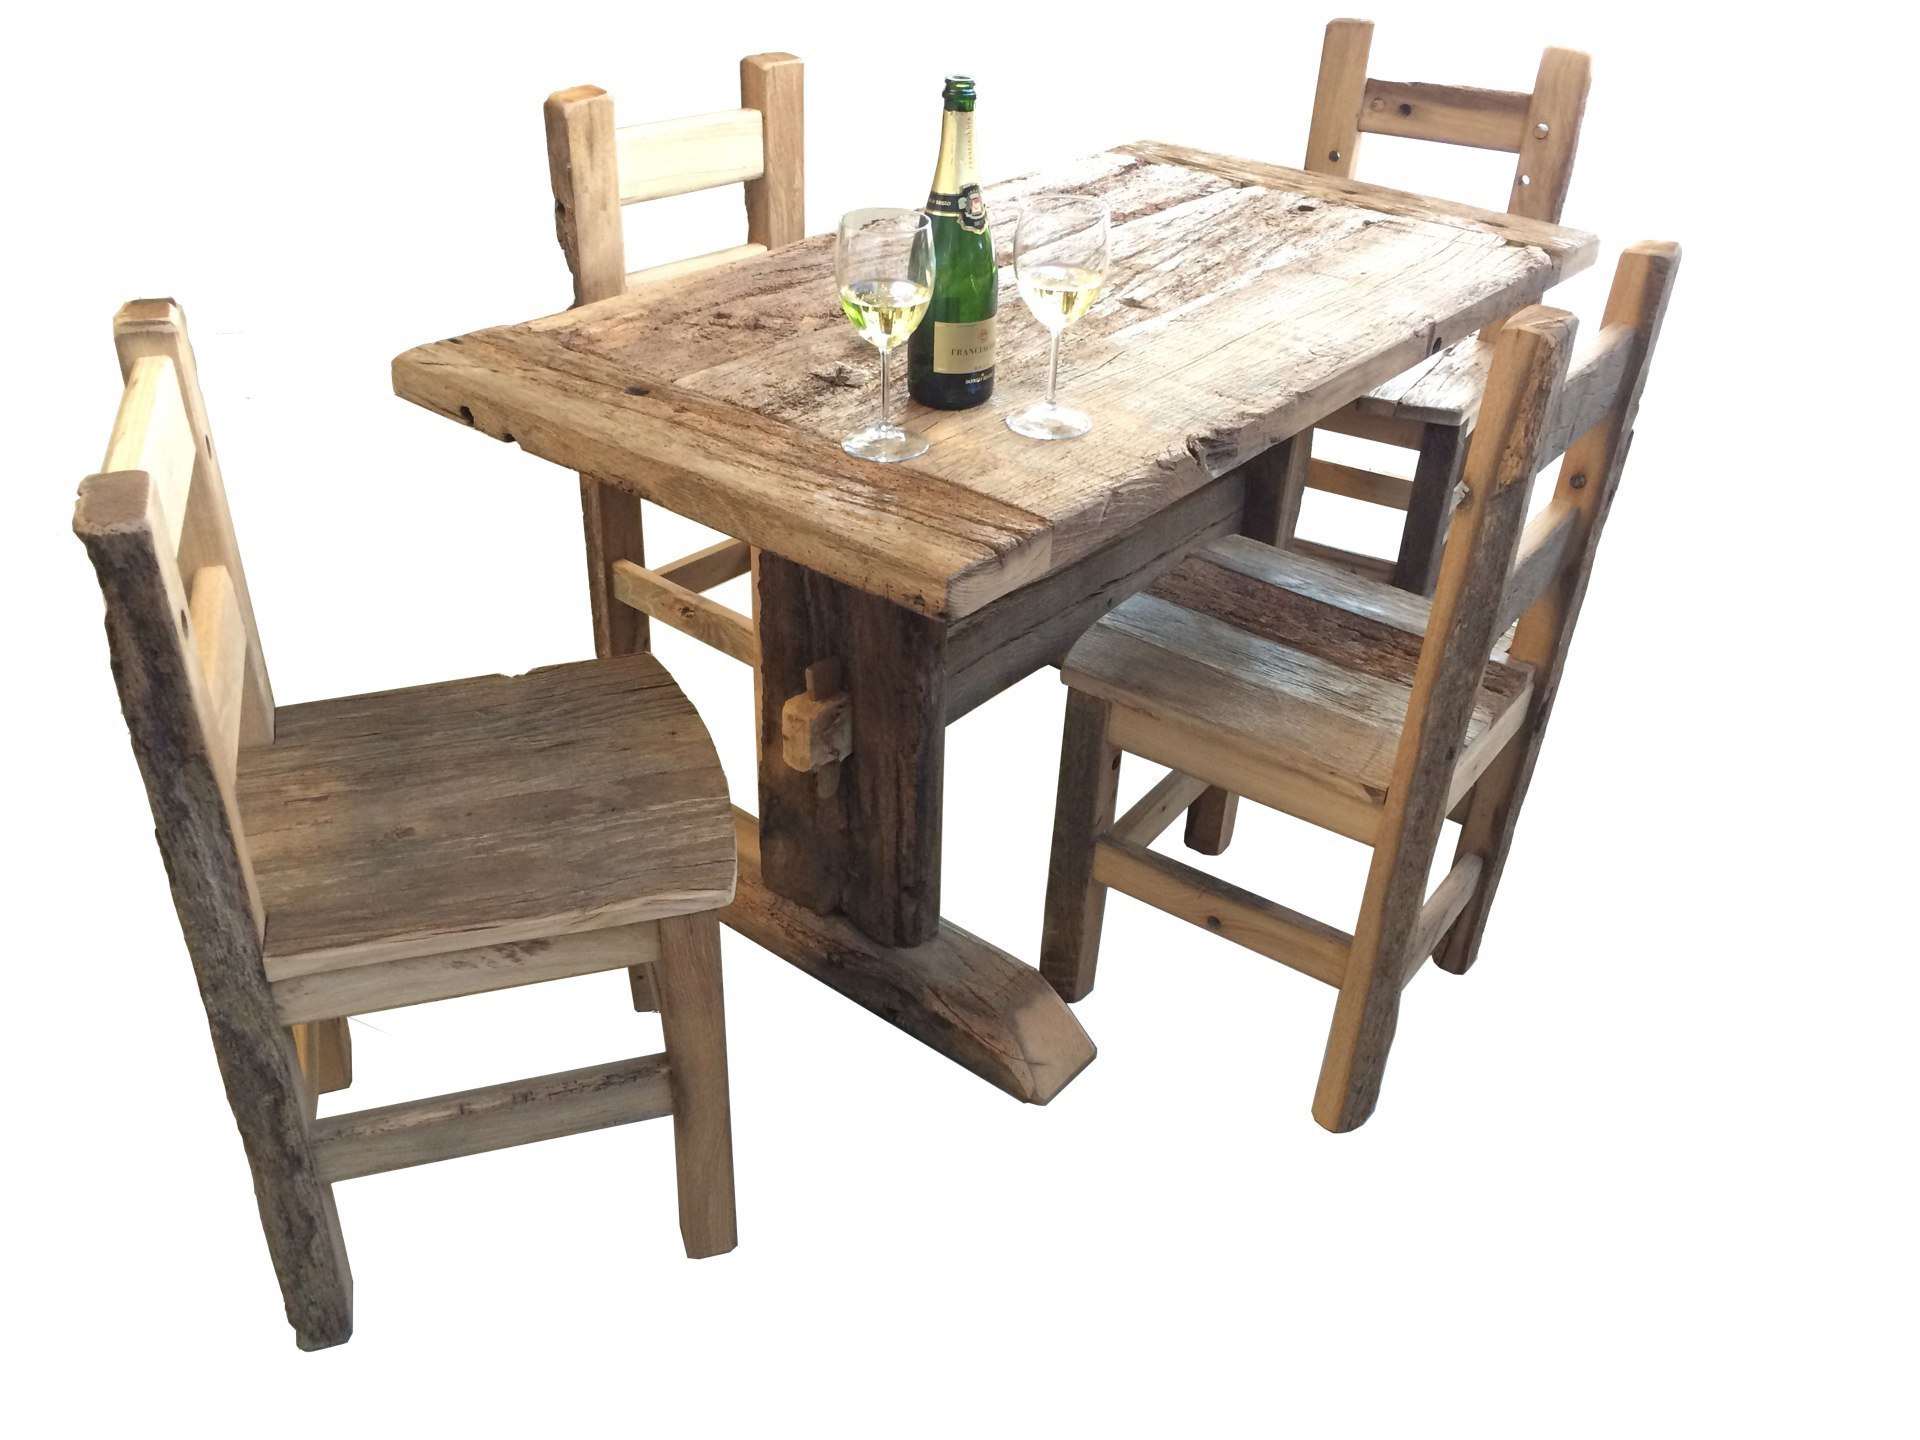 Tavoli sedie arredamenti porte finestre in legno antico for Tavolo sedie